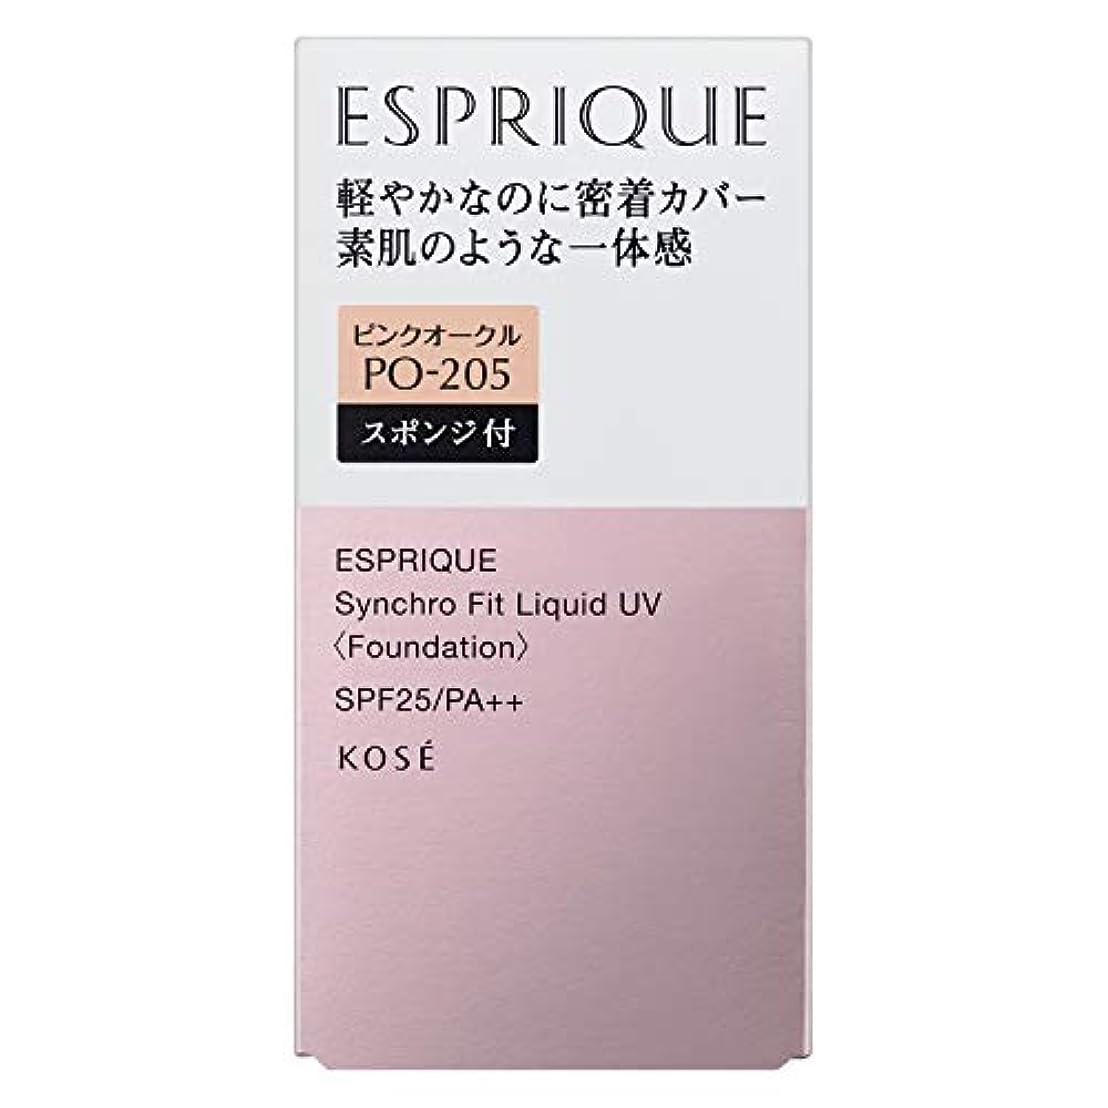 ロッカー曇った胚芽ESPRIQUE(エスプリーク) エスプリーク シンクロフィット リキッド UV ファンデーション 無香料 PO-205 ピンクオークル 30g